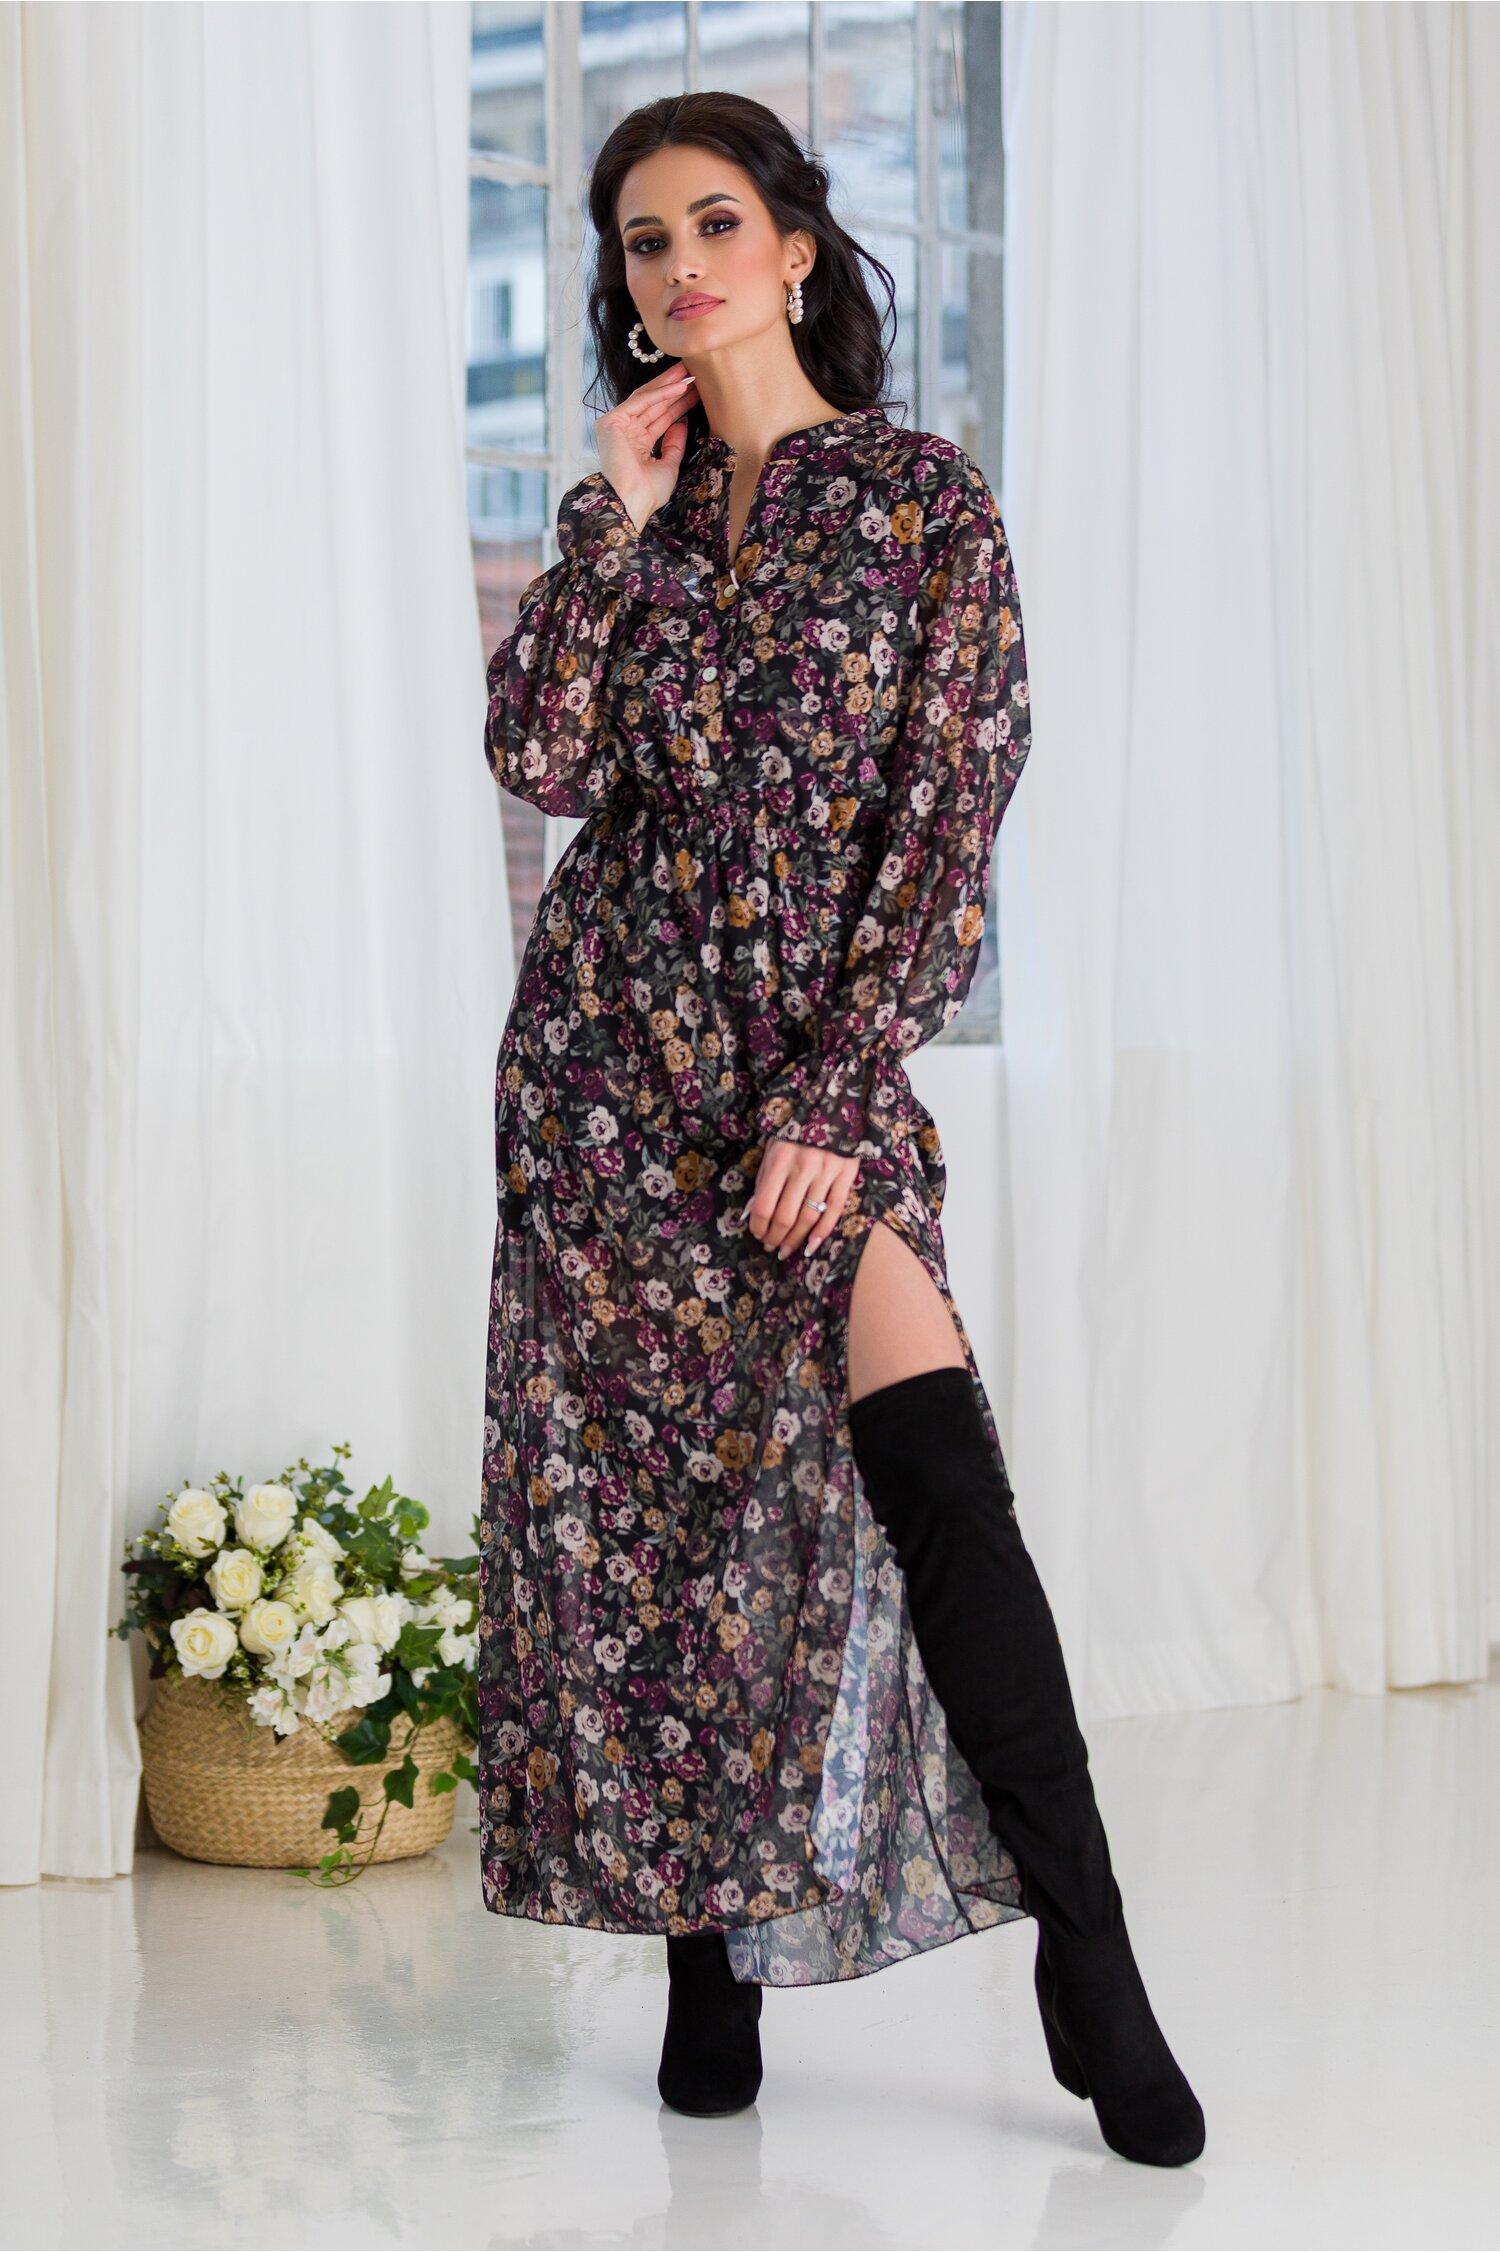 Rochie Marisa lunga din voal cu imprimeu floral mov si verde